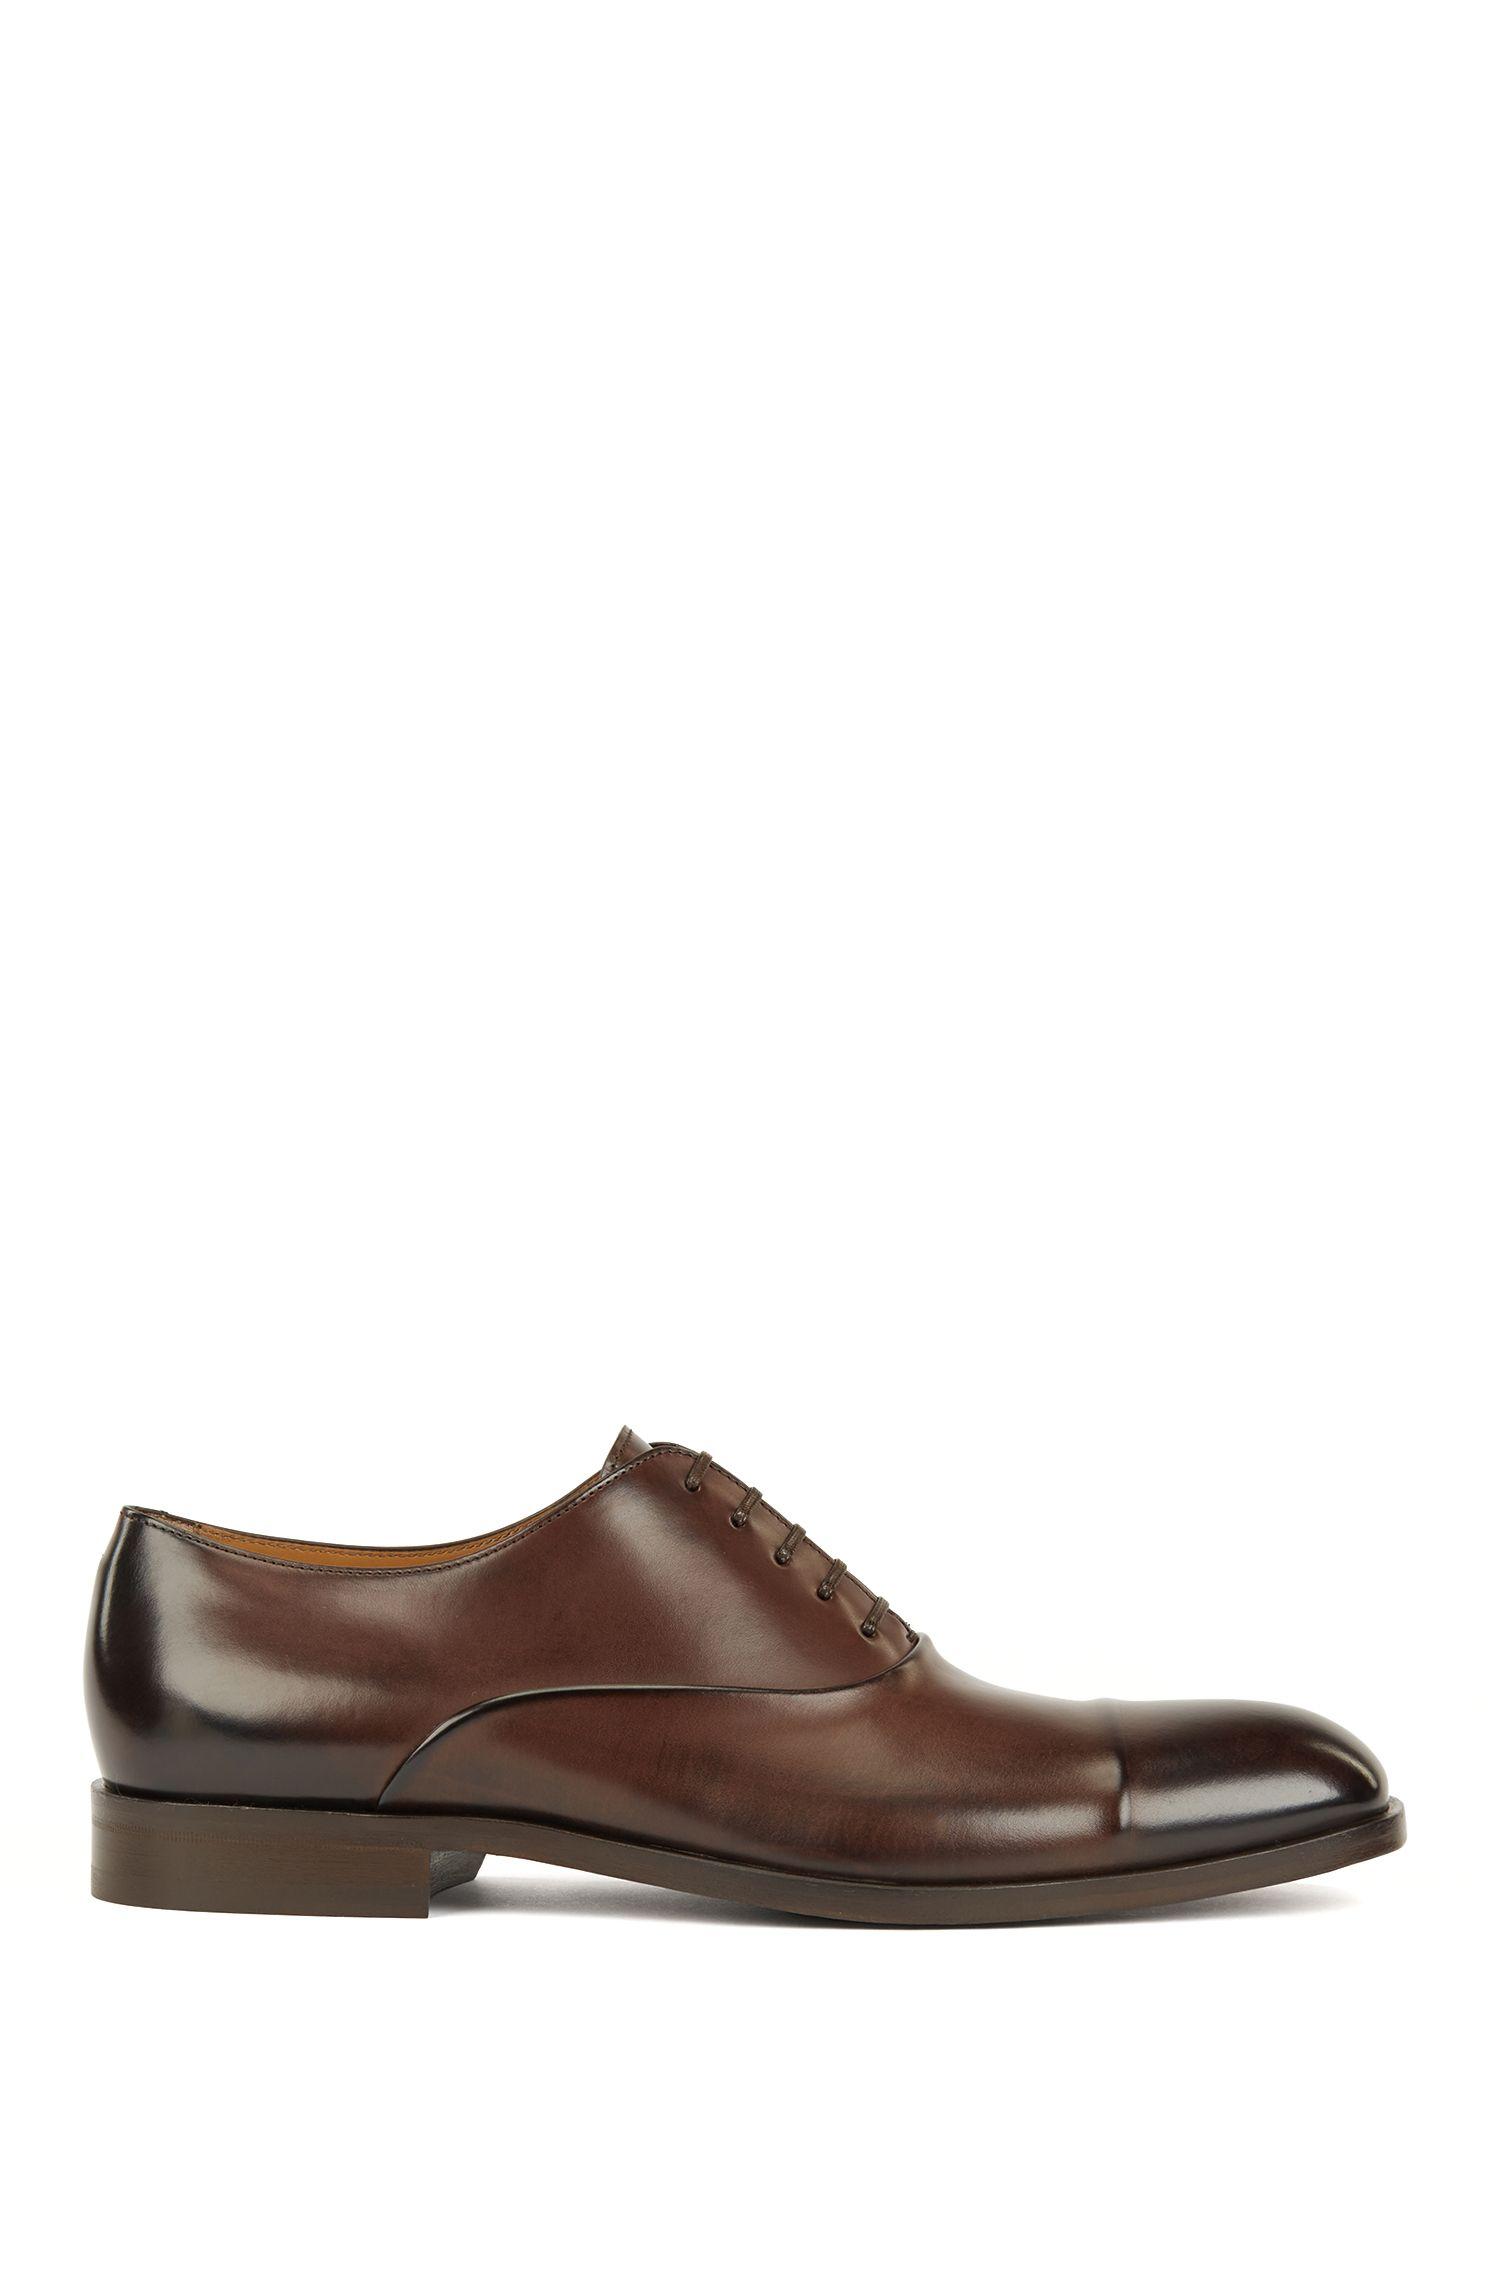 Hugo Boss - Zapatos Oxford elaborados en Italia en piel de becerro de curtido vegetal - 1